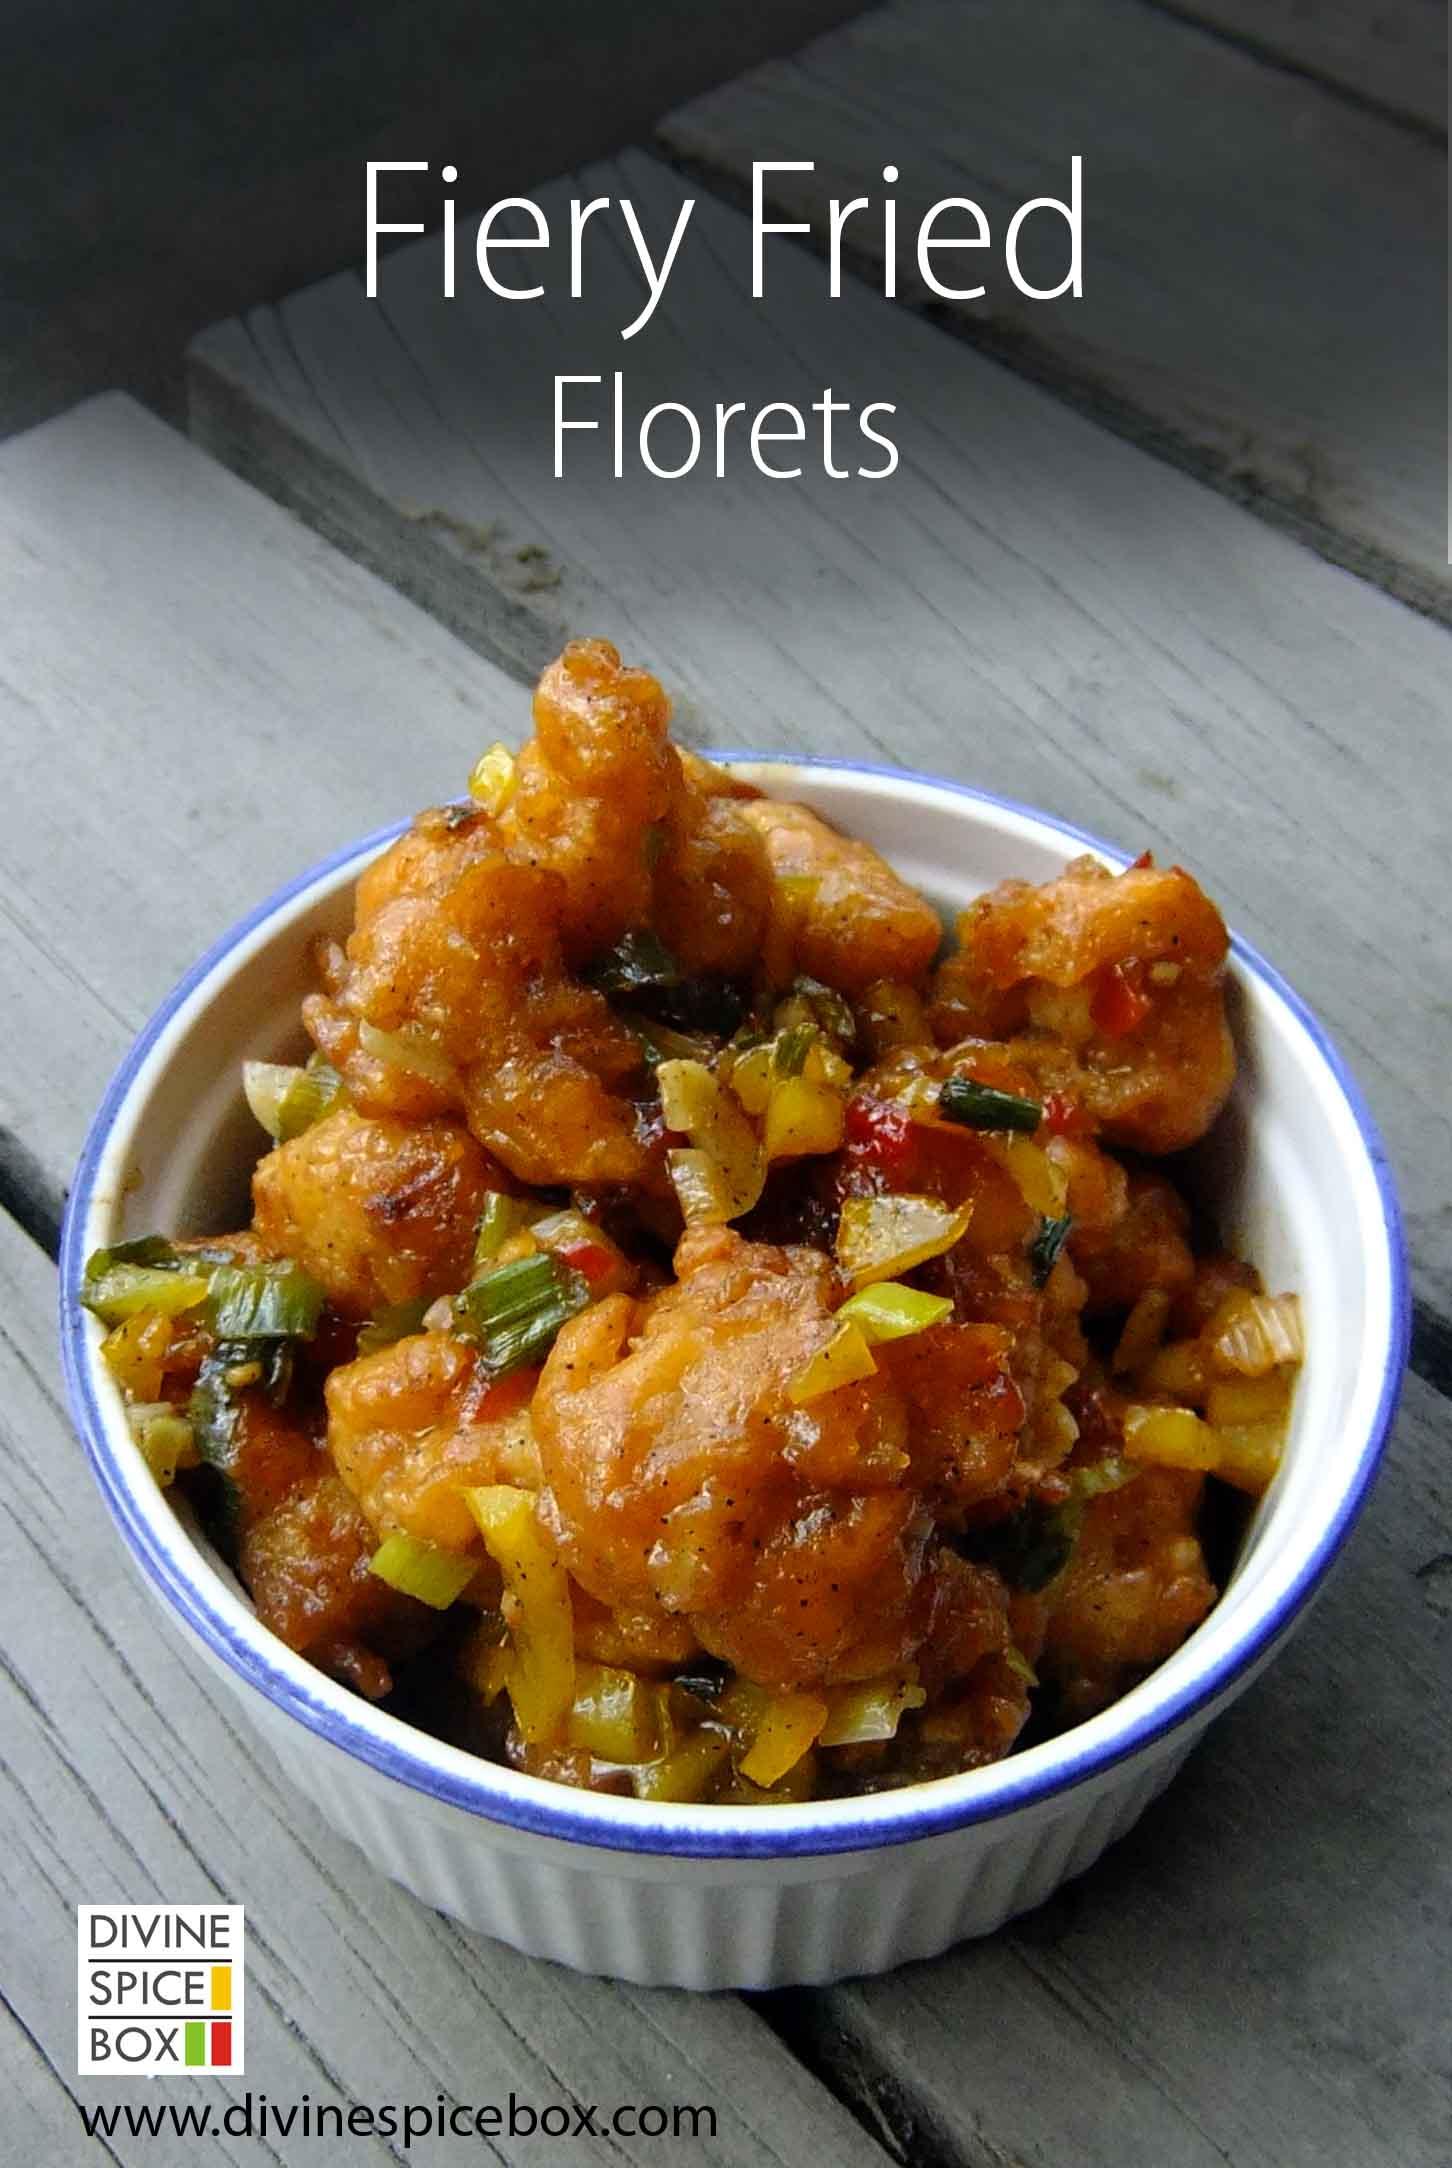 fiery fried florets copy